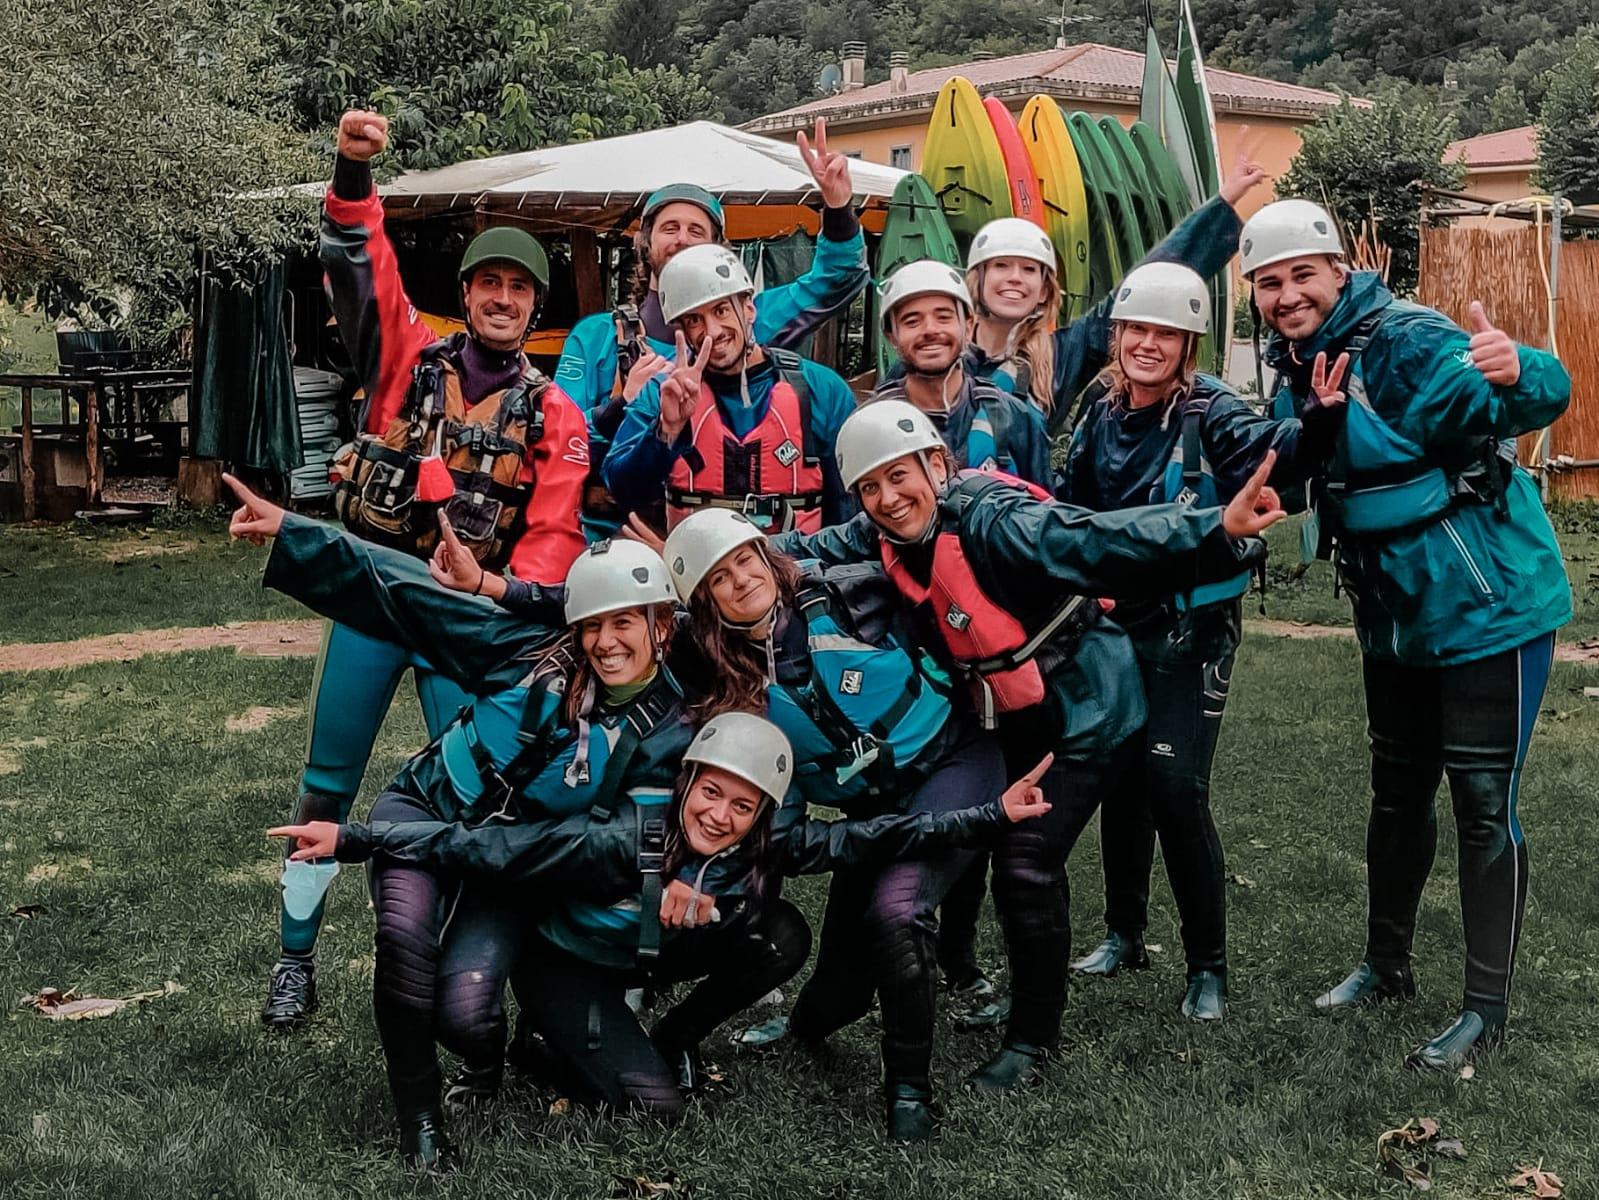 Foto di gruppo usciti dalle acque del fiume Nera, in Umbria. Rafting di gruppo! @gajjey